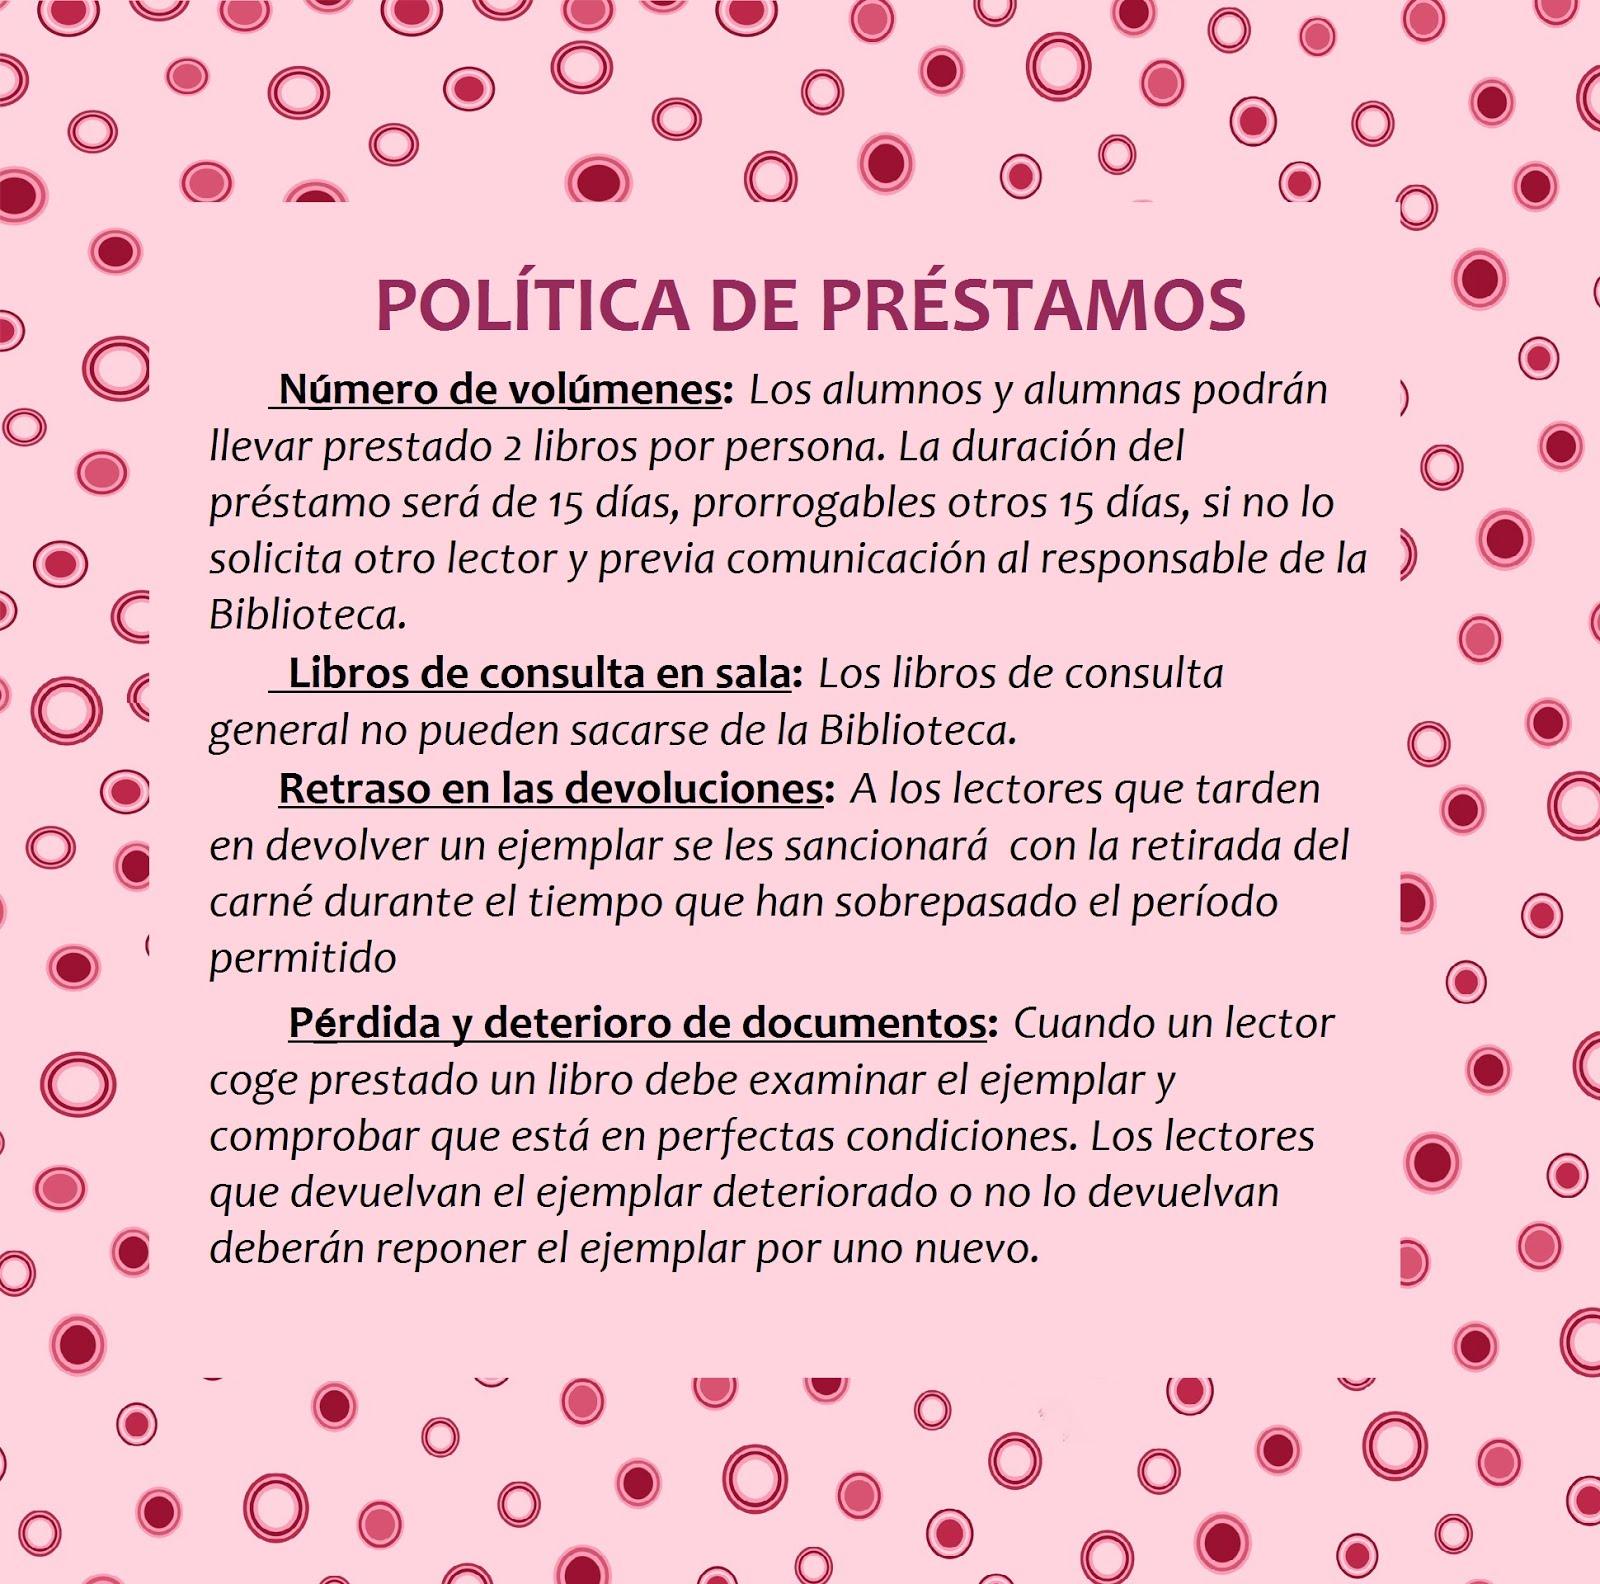 POLÍTICA DE PRÉSTAMOS DEL ALUMNADO